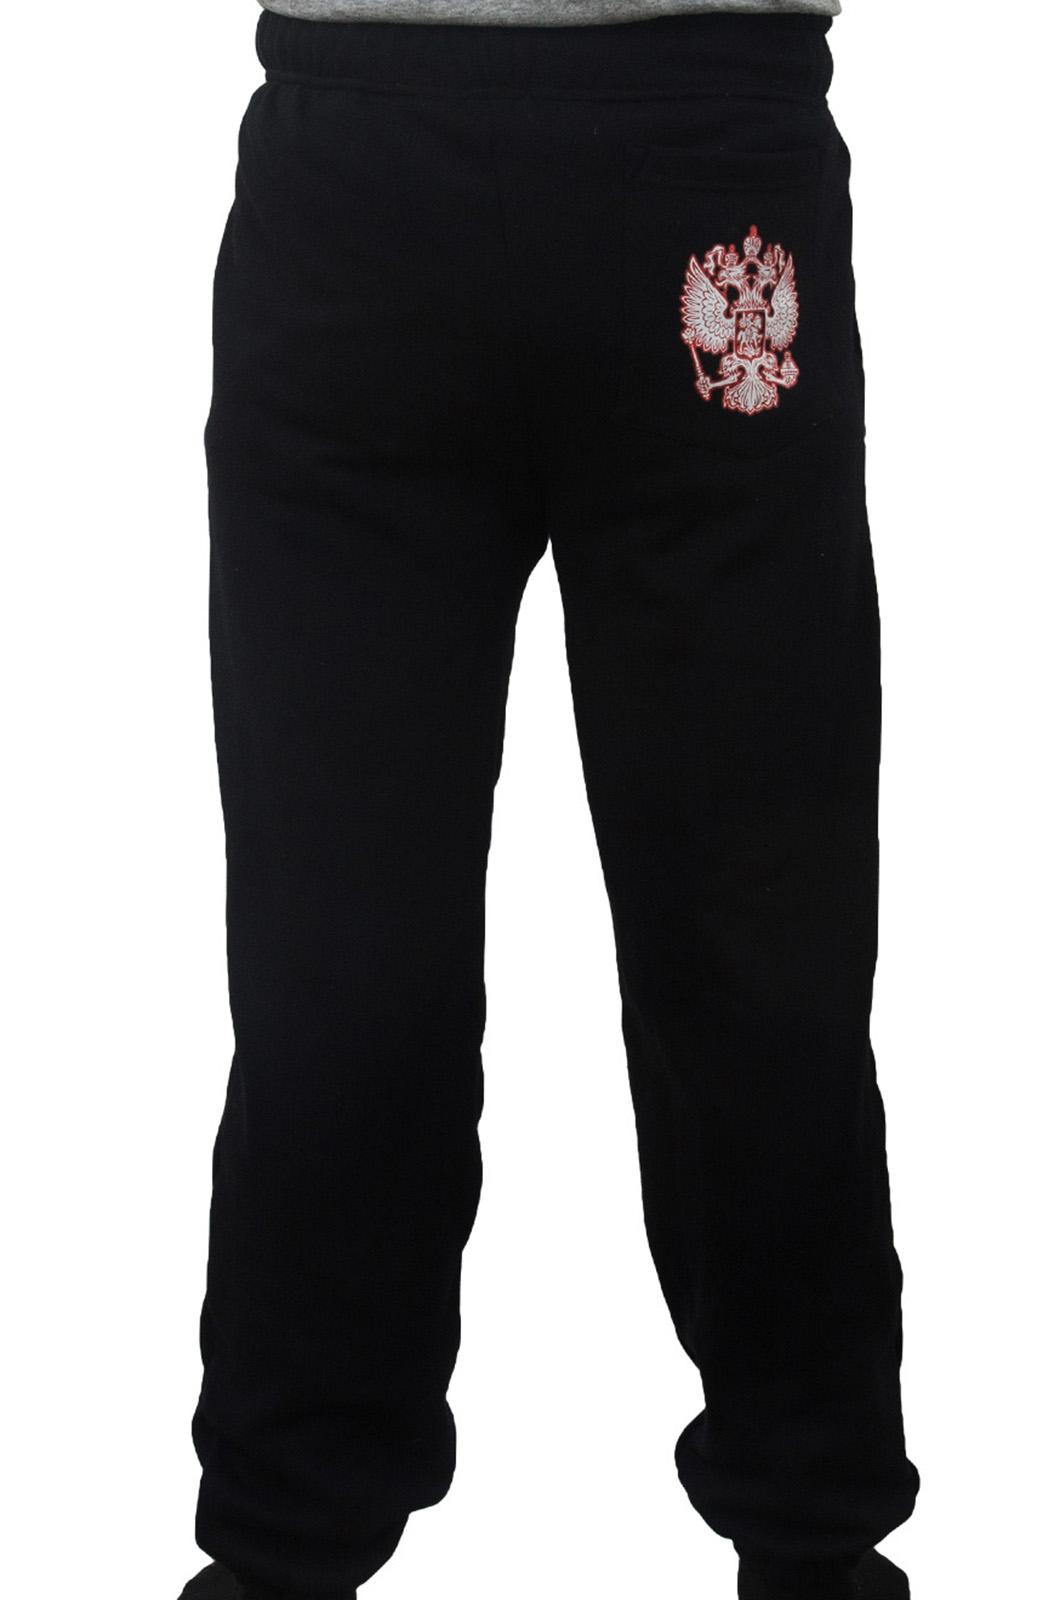 Недорого купить мужские спортивные штаны